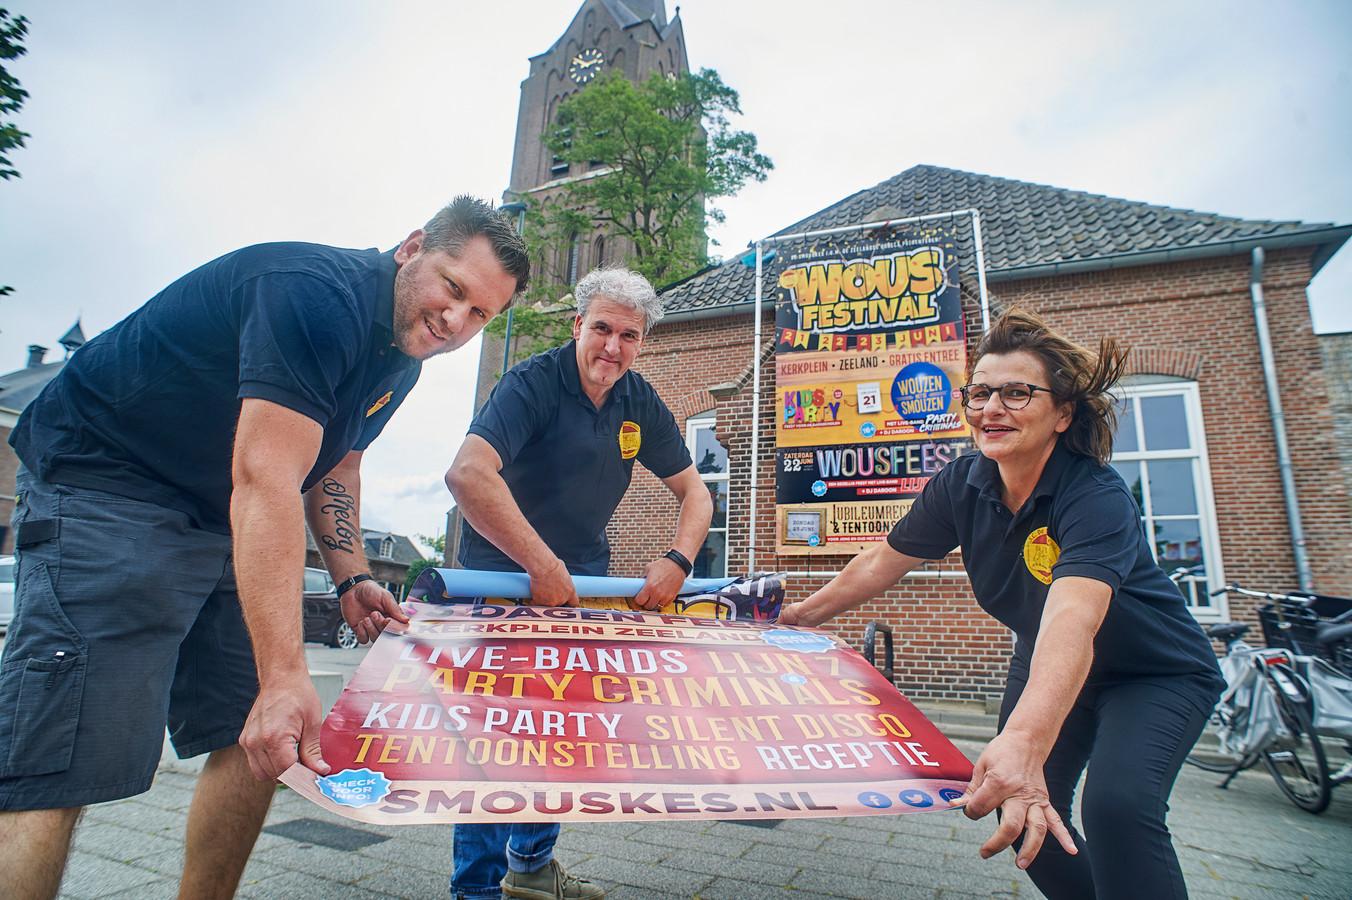 V.l.n.r. Danny van den Heuvel, Theodor van der Cruijsen en Tiny van de Laar maken reclame voor het Wous Festival . Fotograaf: Van Assendelft/Jeroen Appels